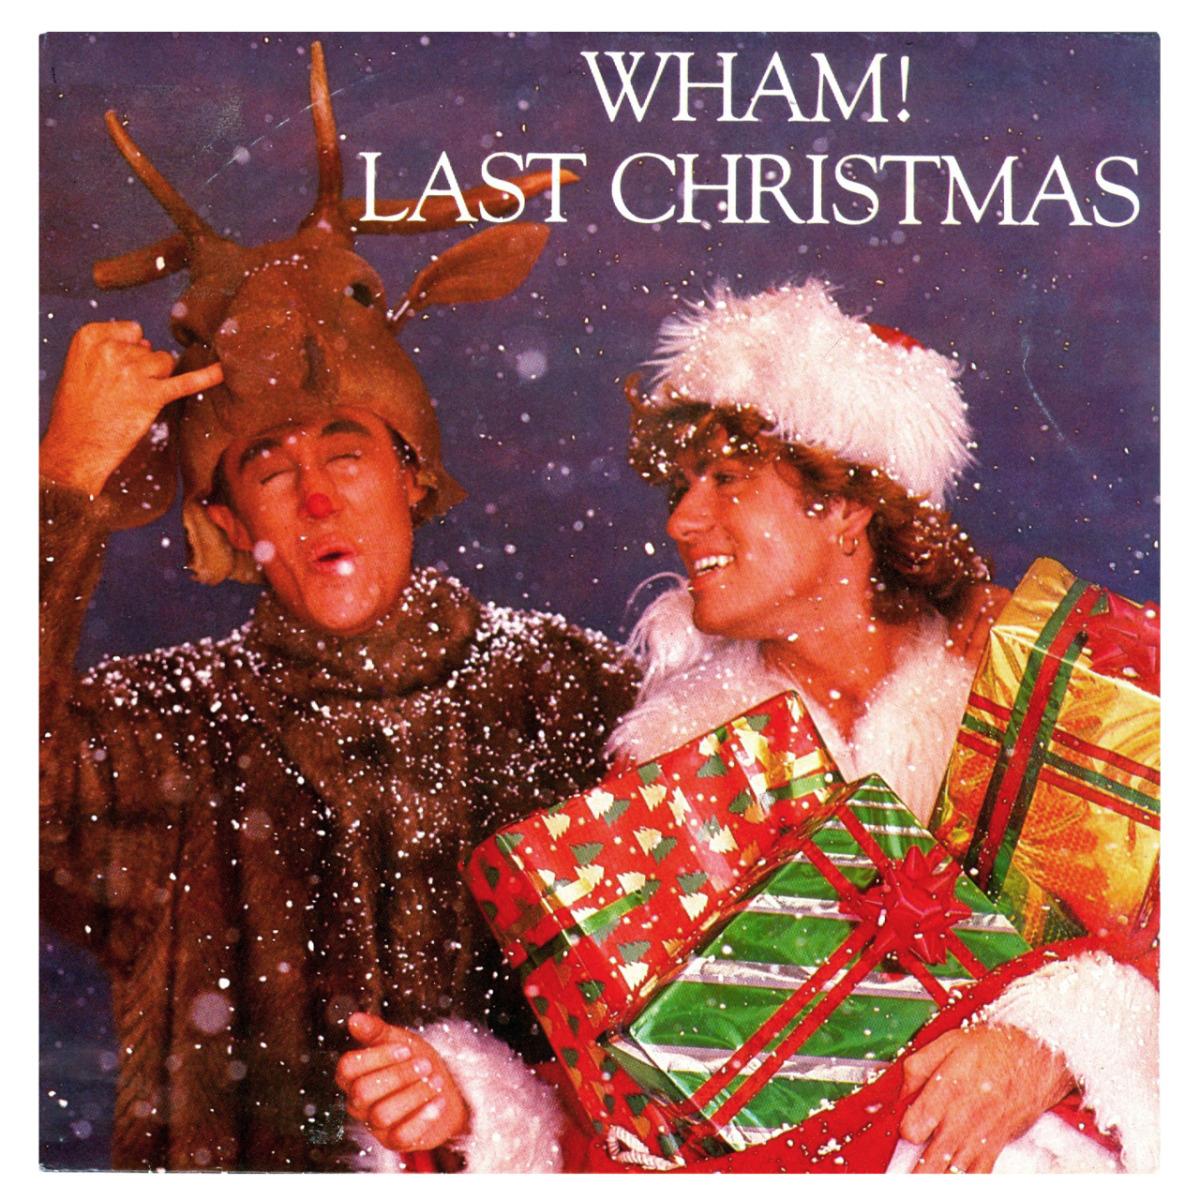 """Naujas rekordas: po 36 metų kultinis """"Wham!"""" hitas pasiekė UK TOP 40 viršūnę"""